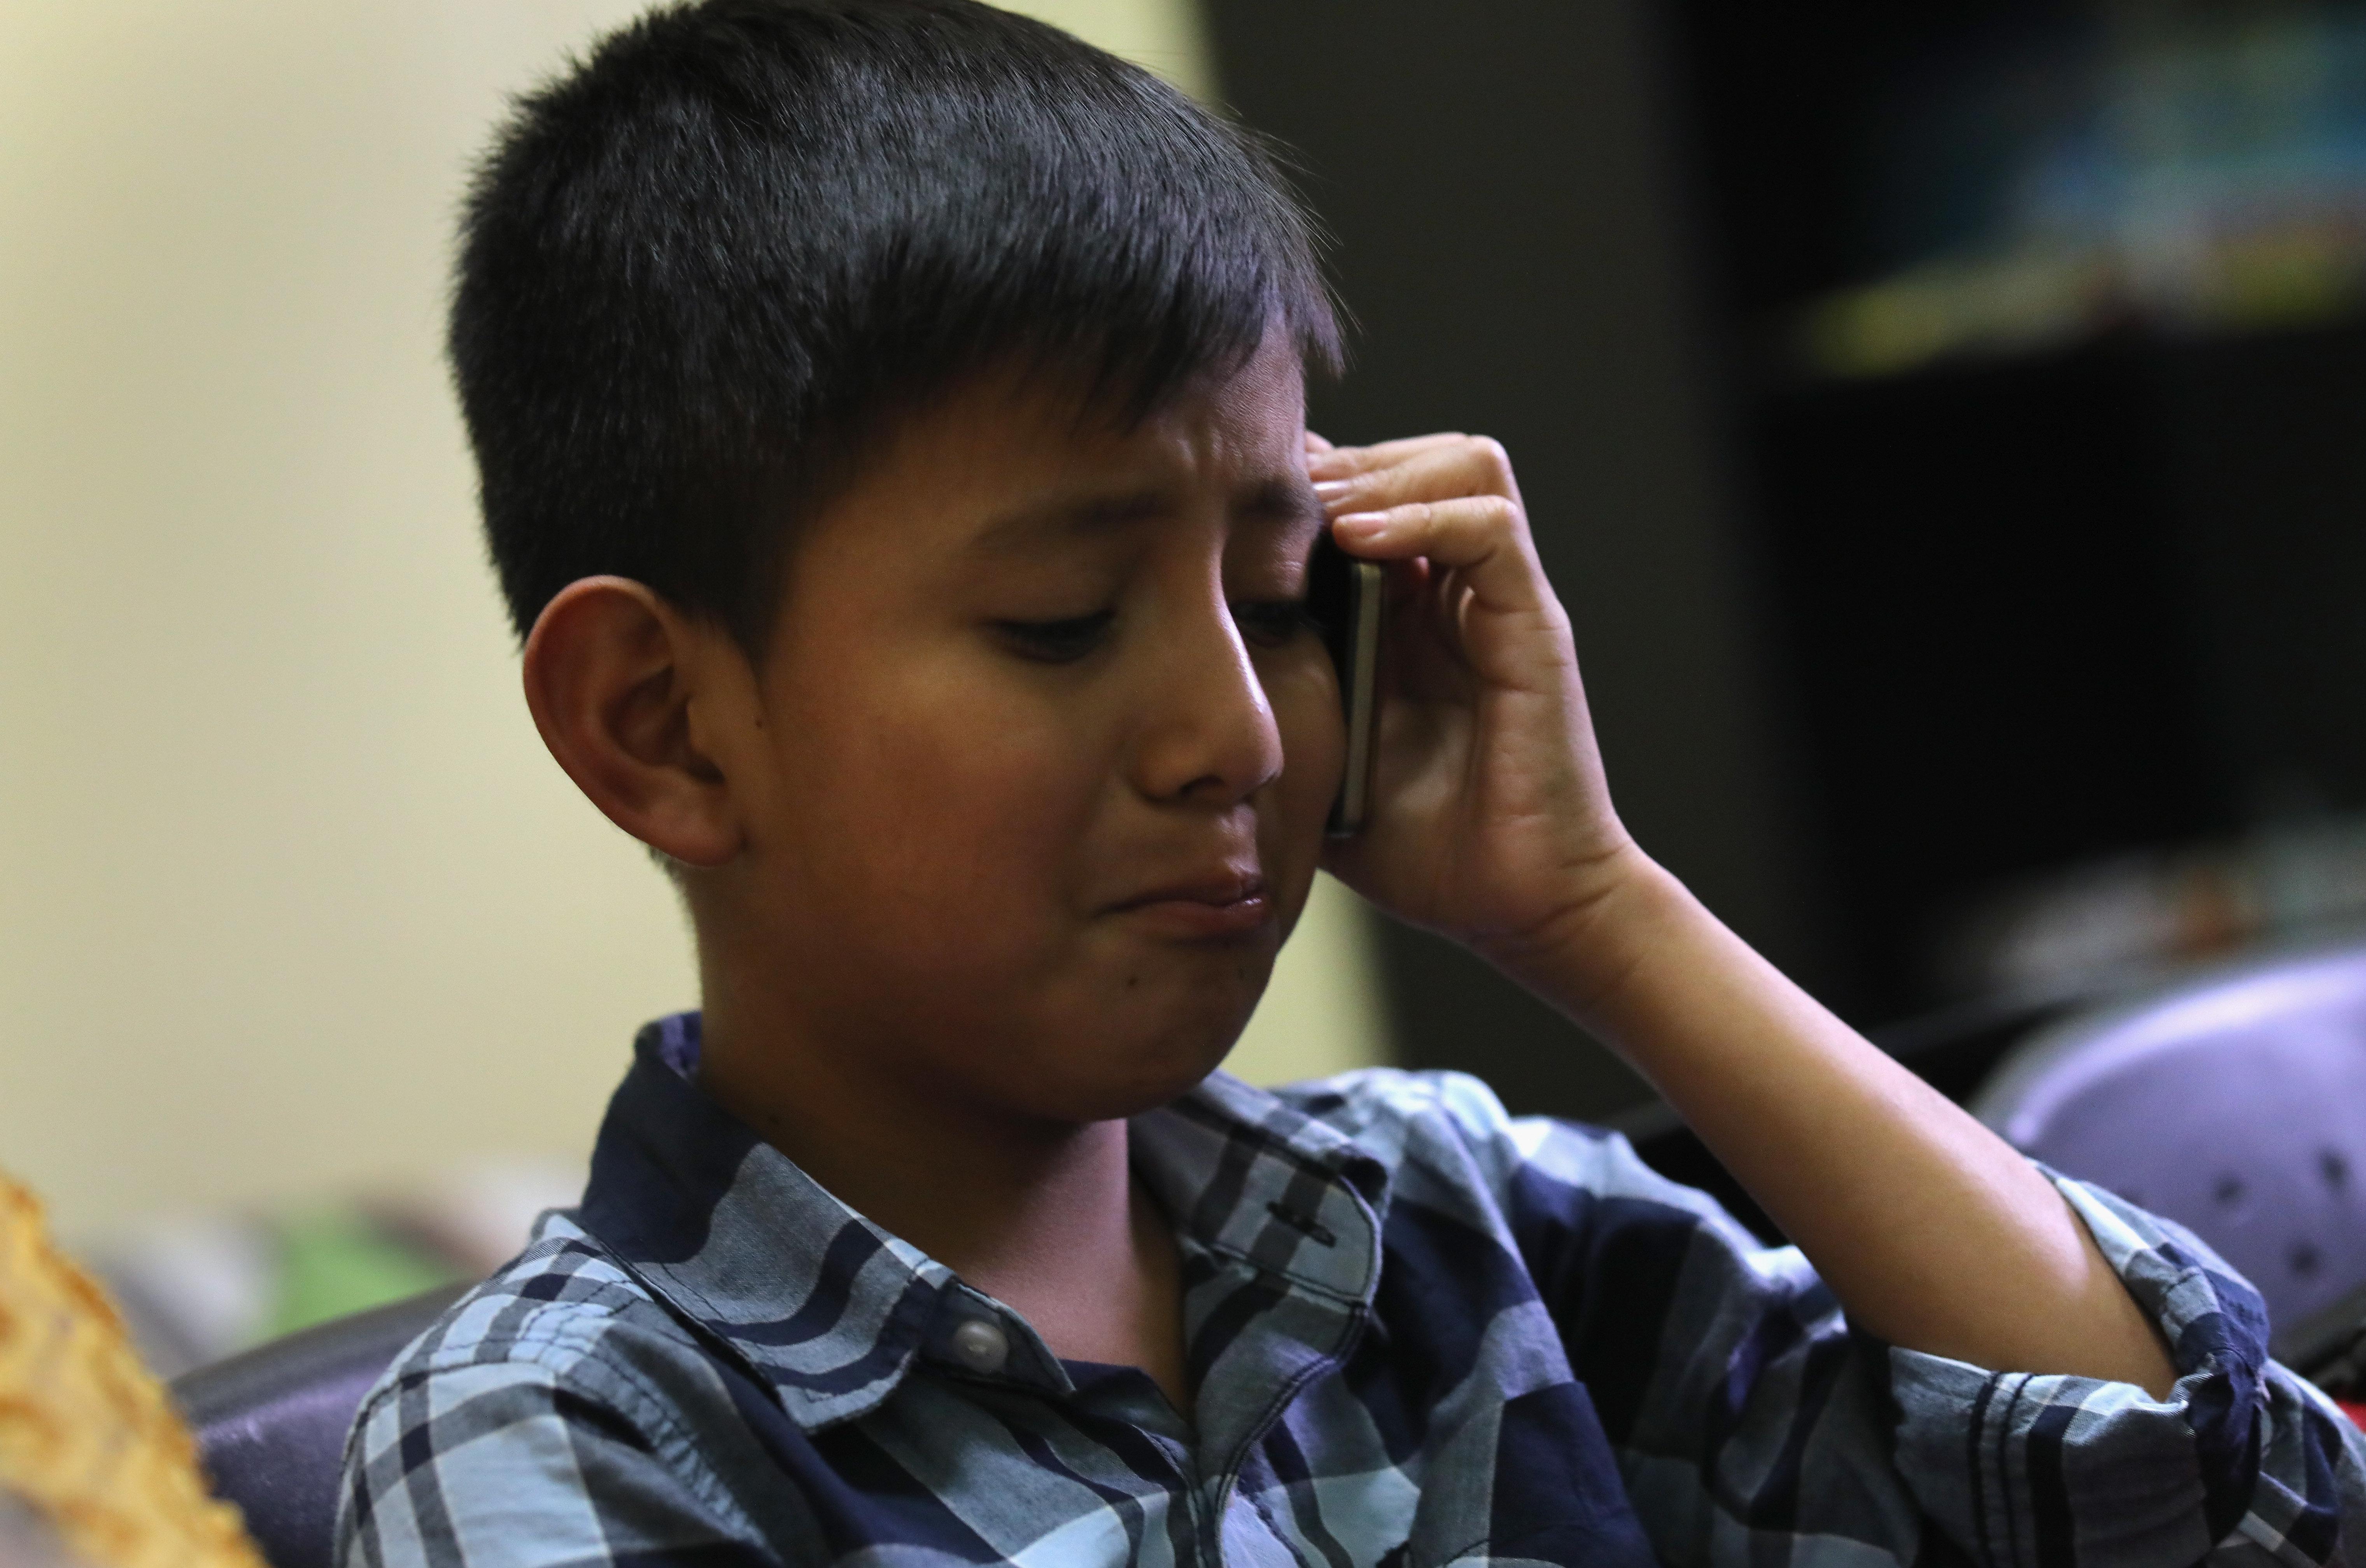 Un niño de 10 años habla con su madre por teléfono después de reunirse con su padre en el centro de inmigrantes...